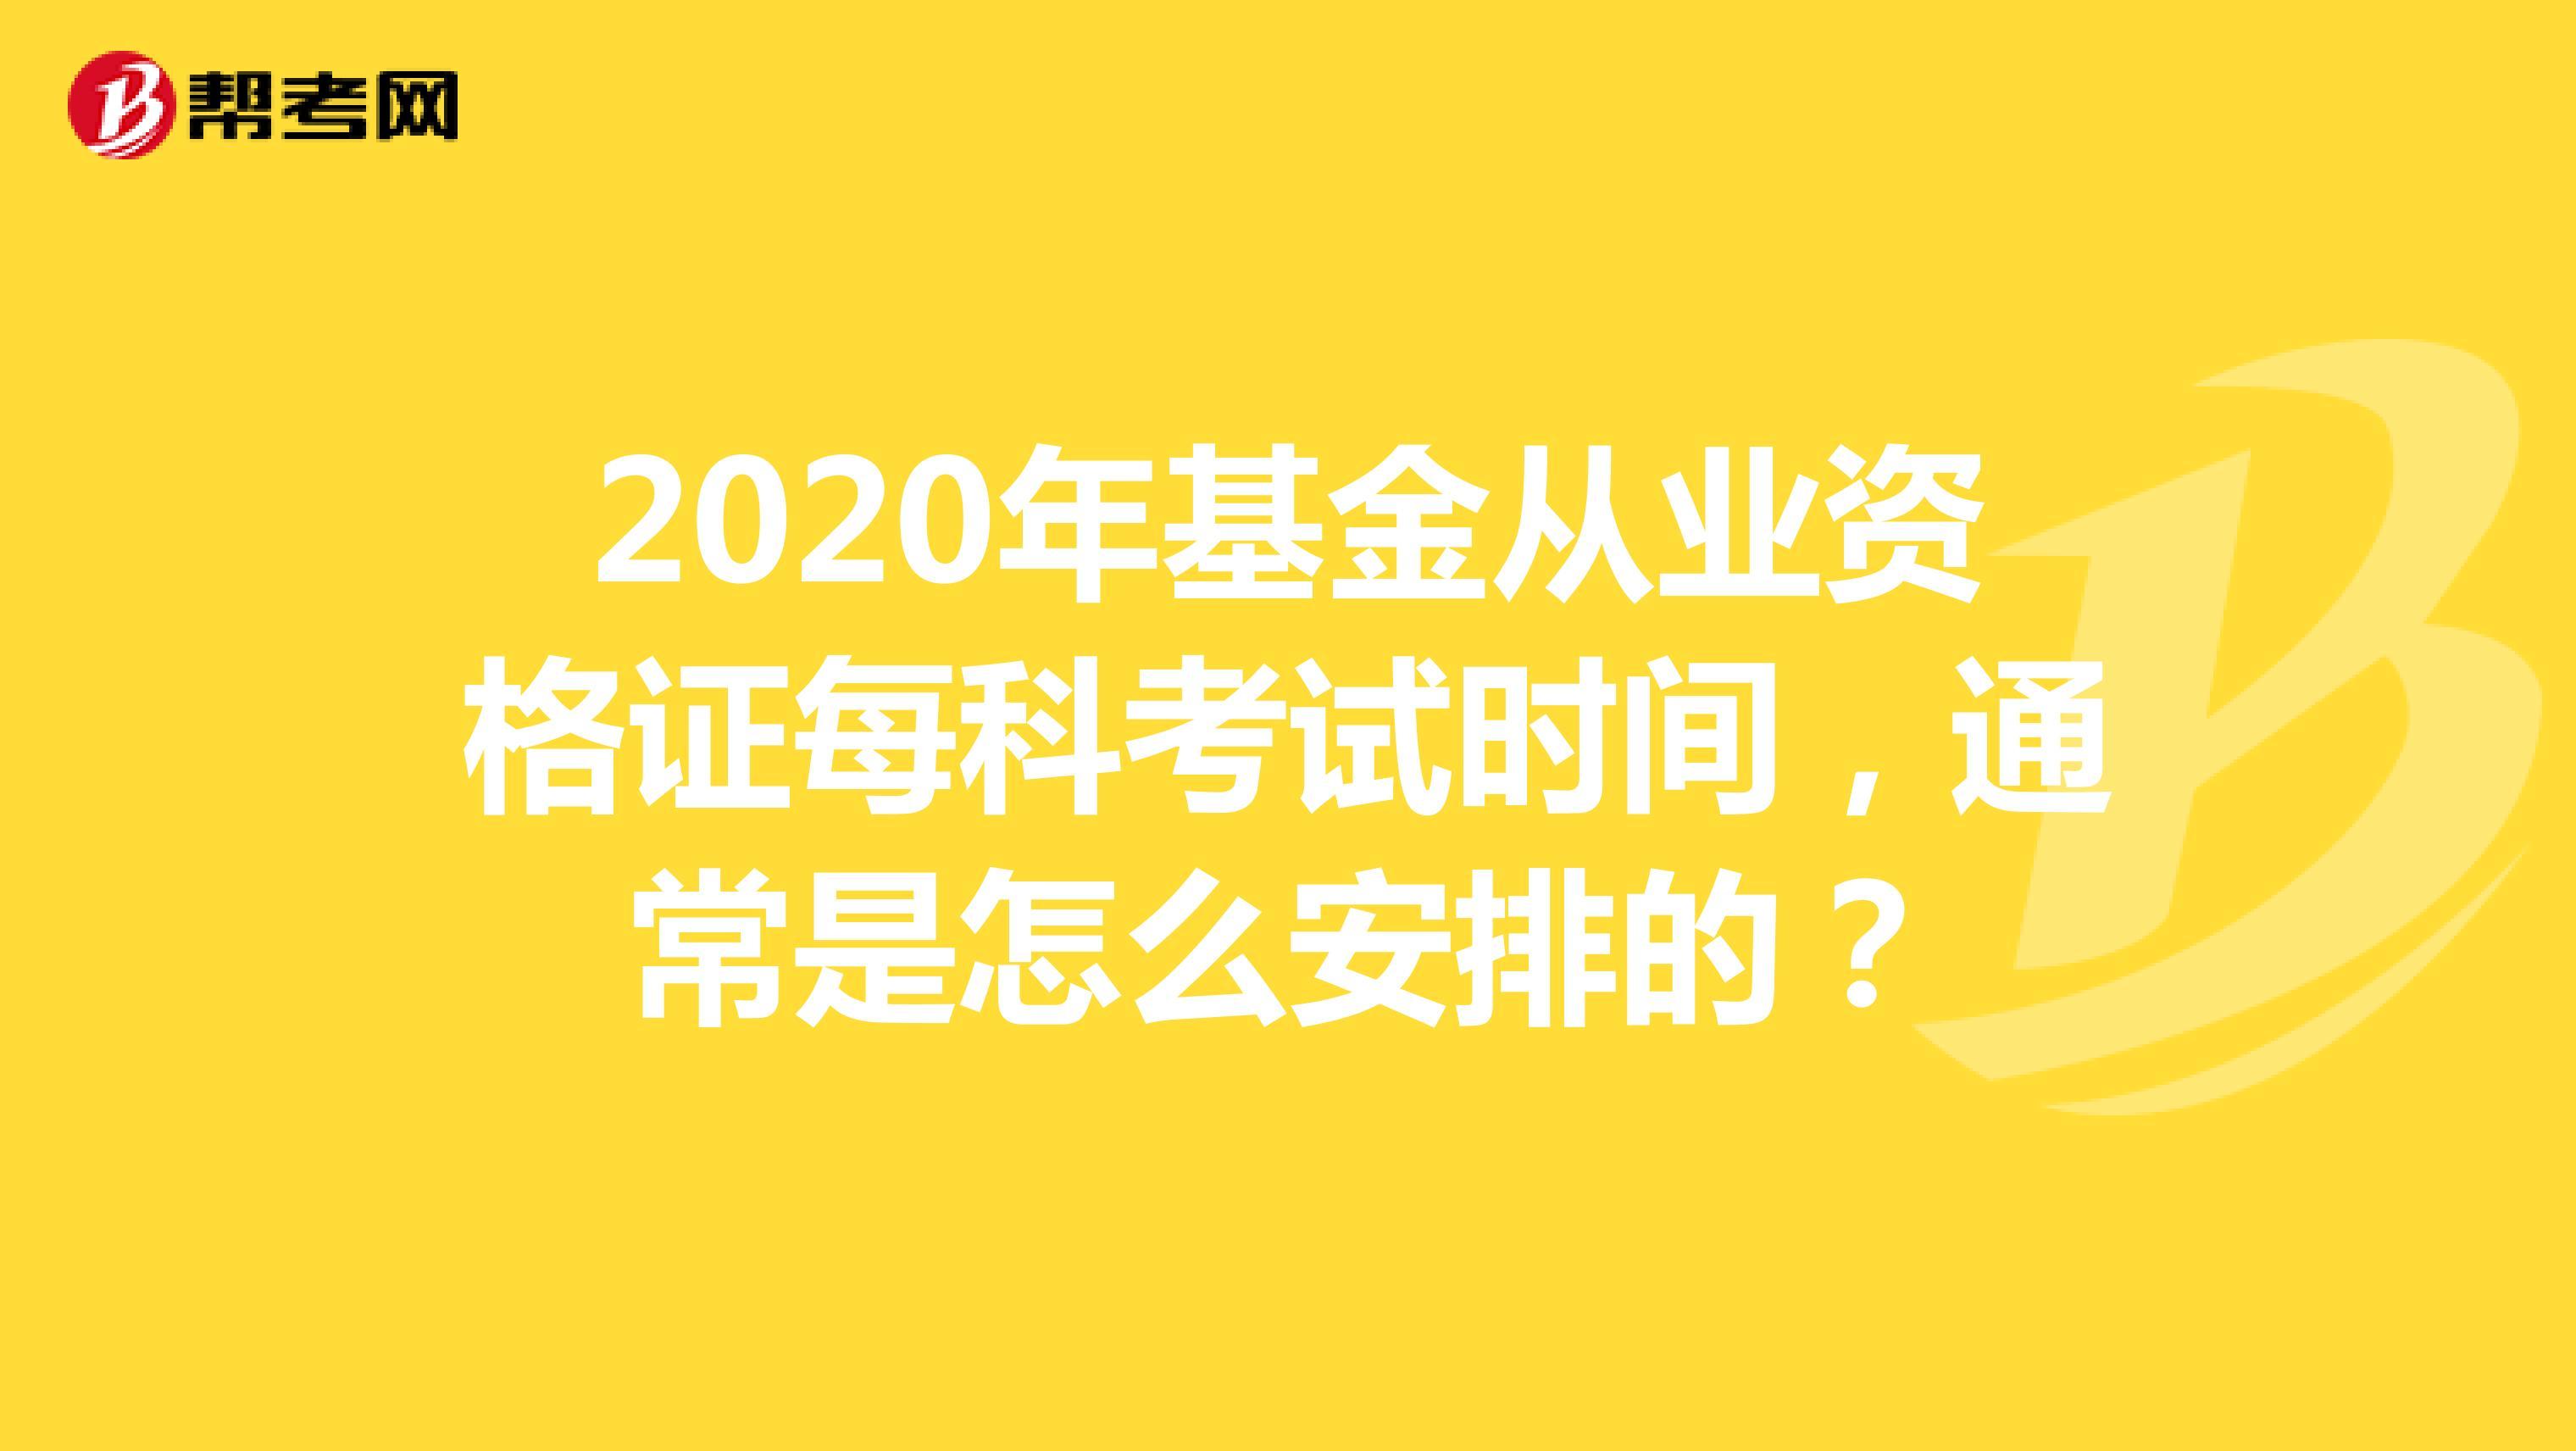 2020年基金从业资格证每科考试时间,通常是怎么安排的?